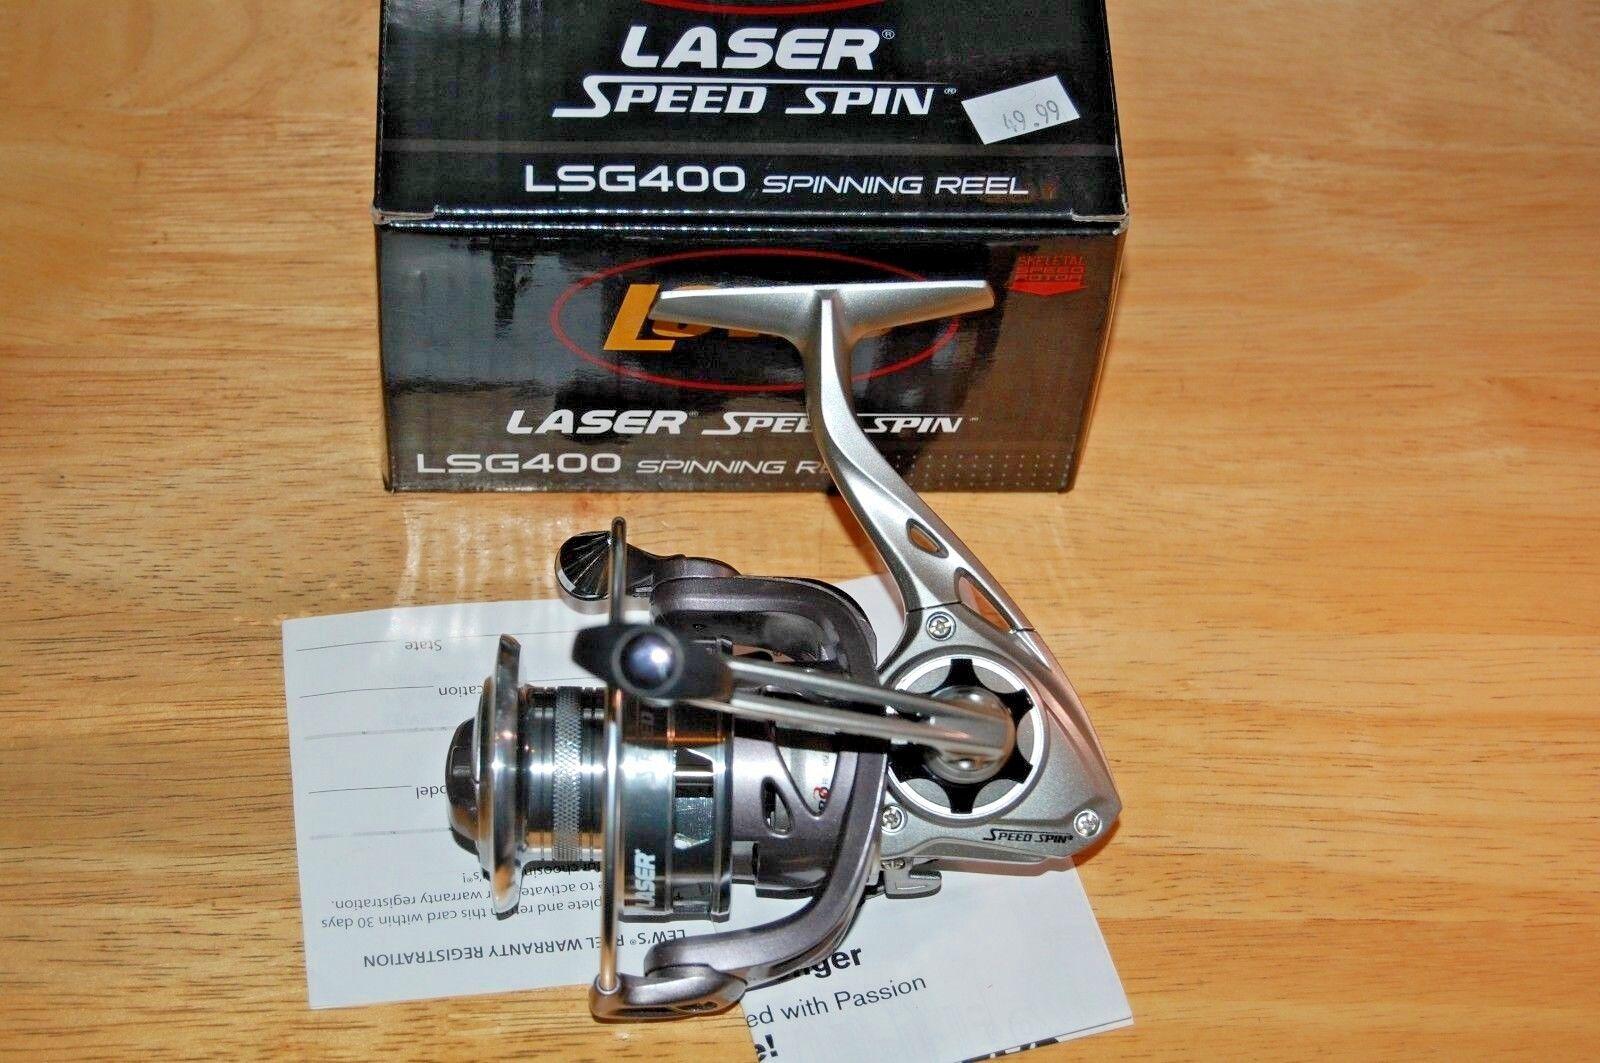 Lews laser speed spin spinning reel lsg400 8 bearings w  skeletal speed redor